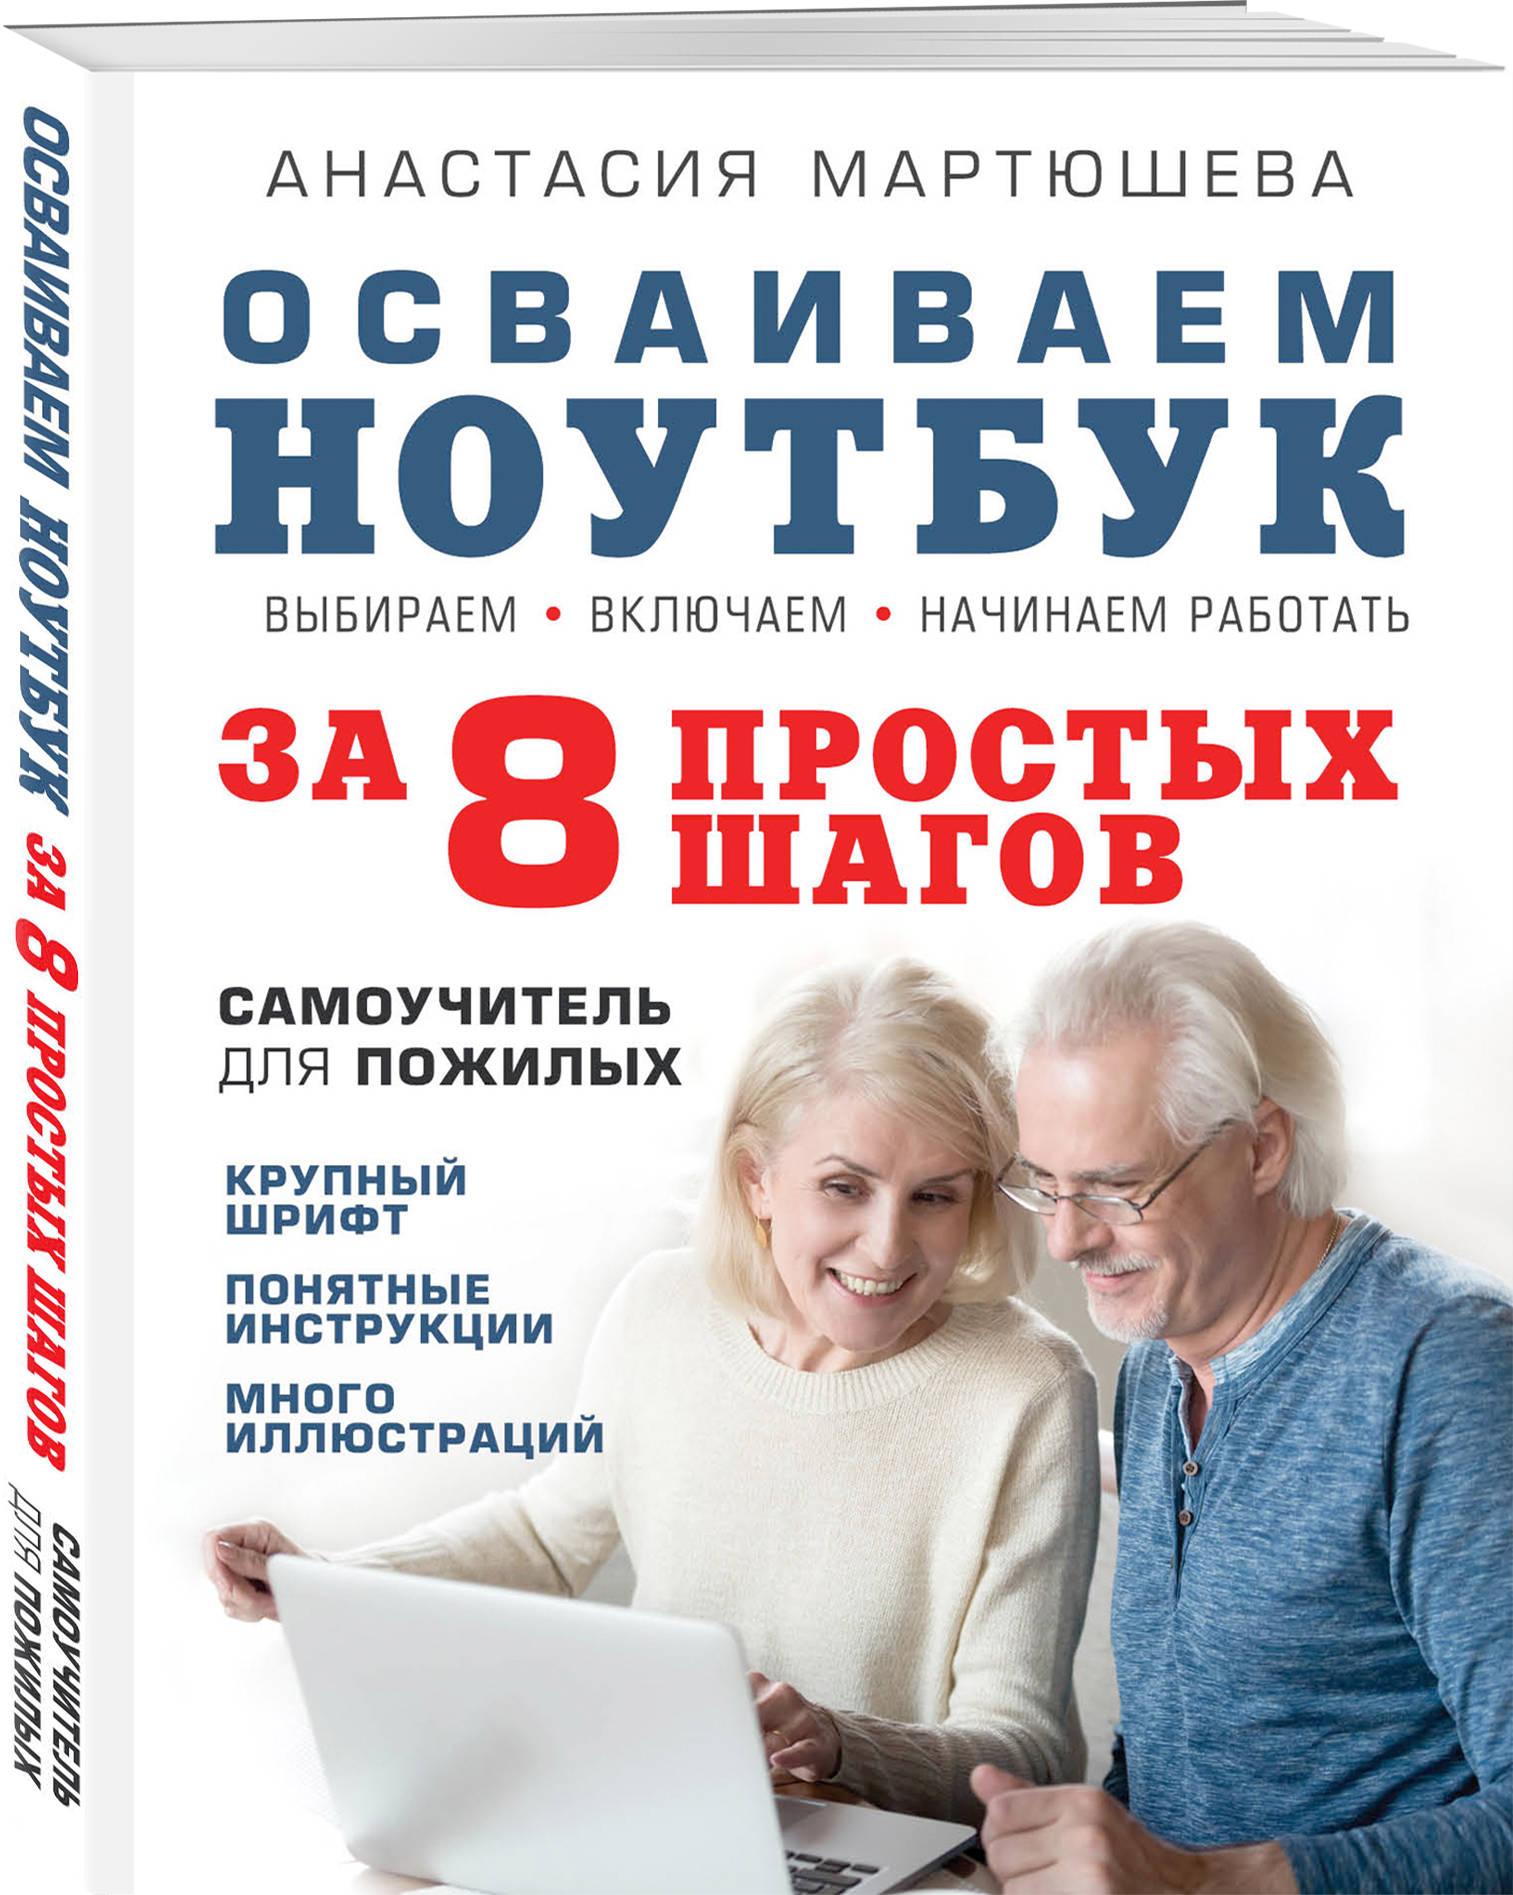 Анастасия Мартюшева Осваиваем ноутбук за 8 простых шагов. Самоучитель для пожилых